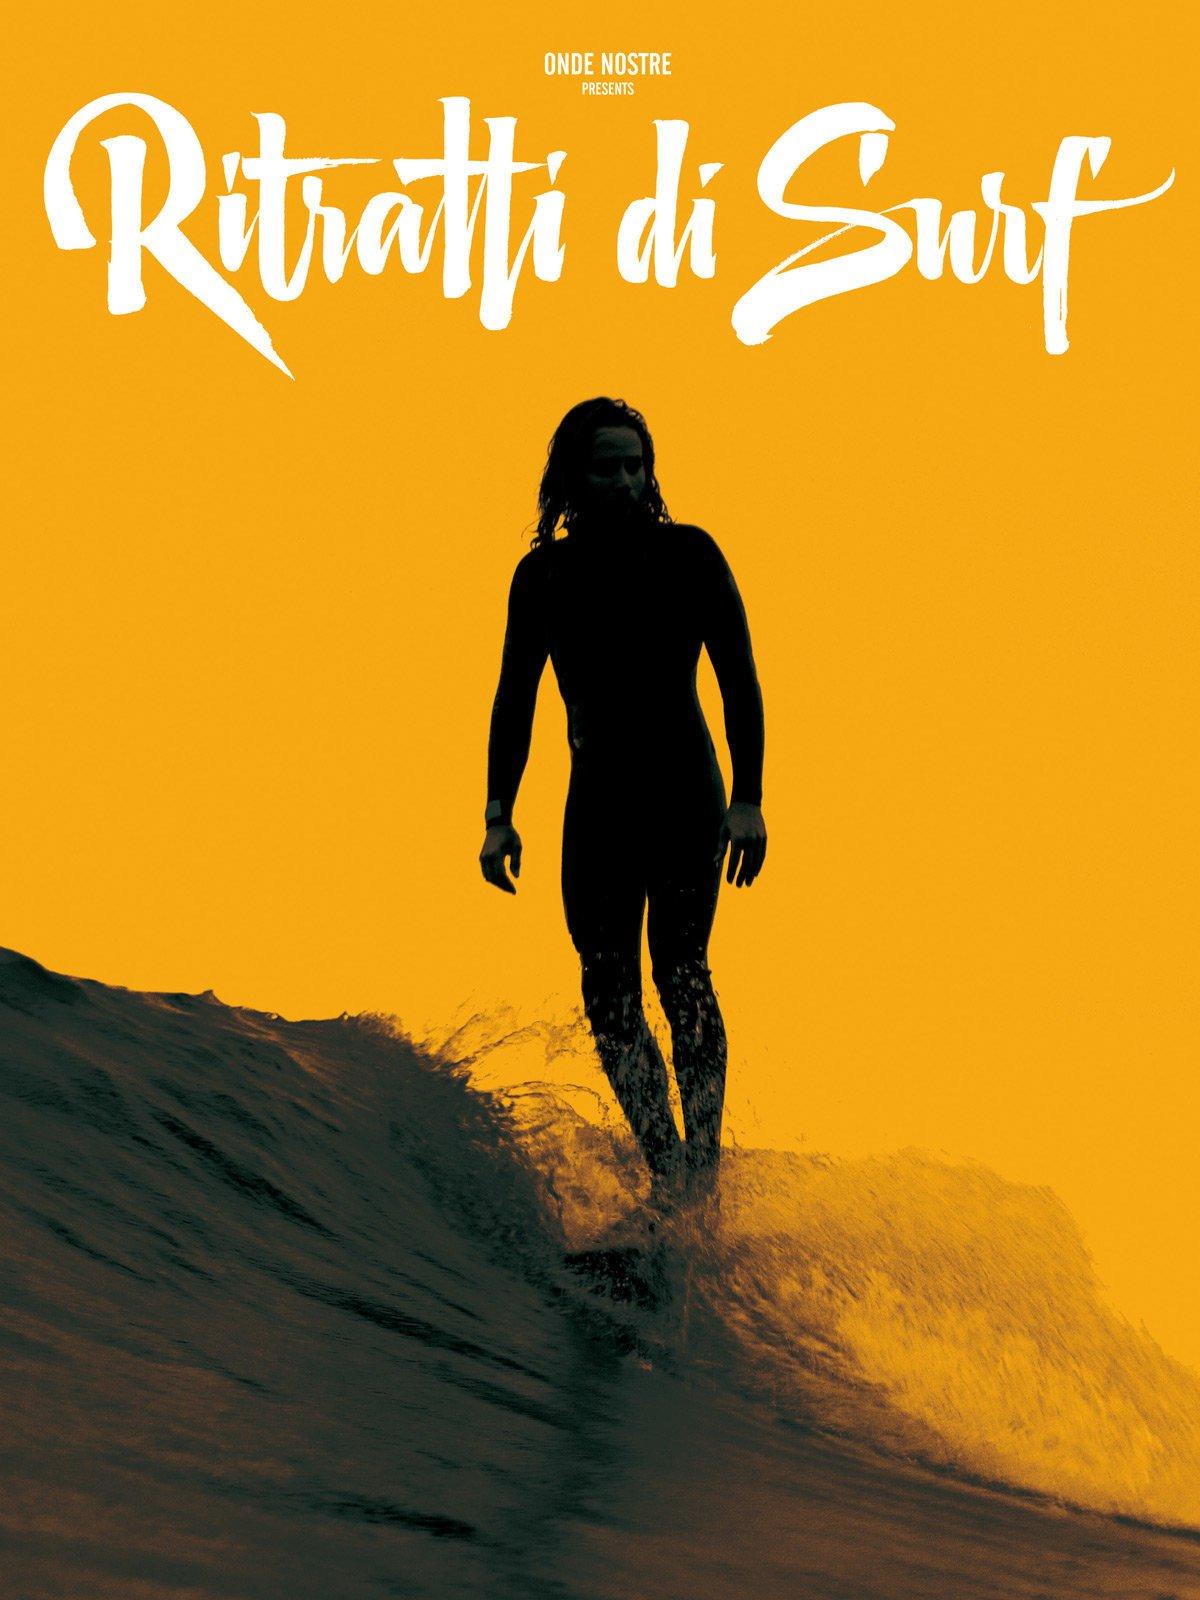 Ritratti Di Surf on Amazon Prime Video UK